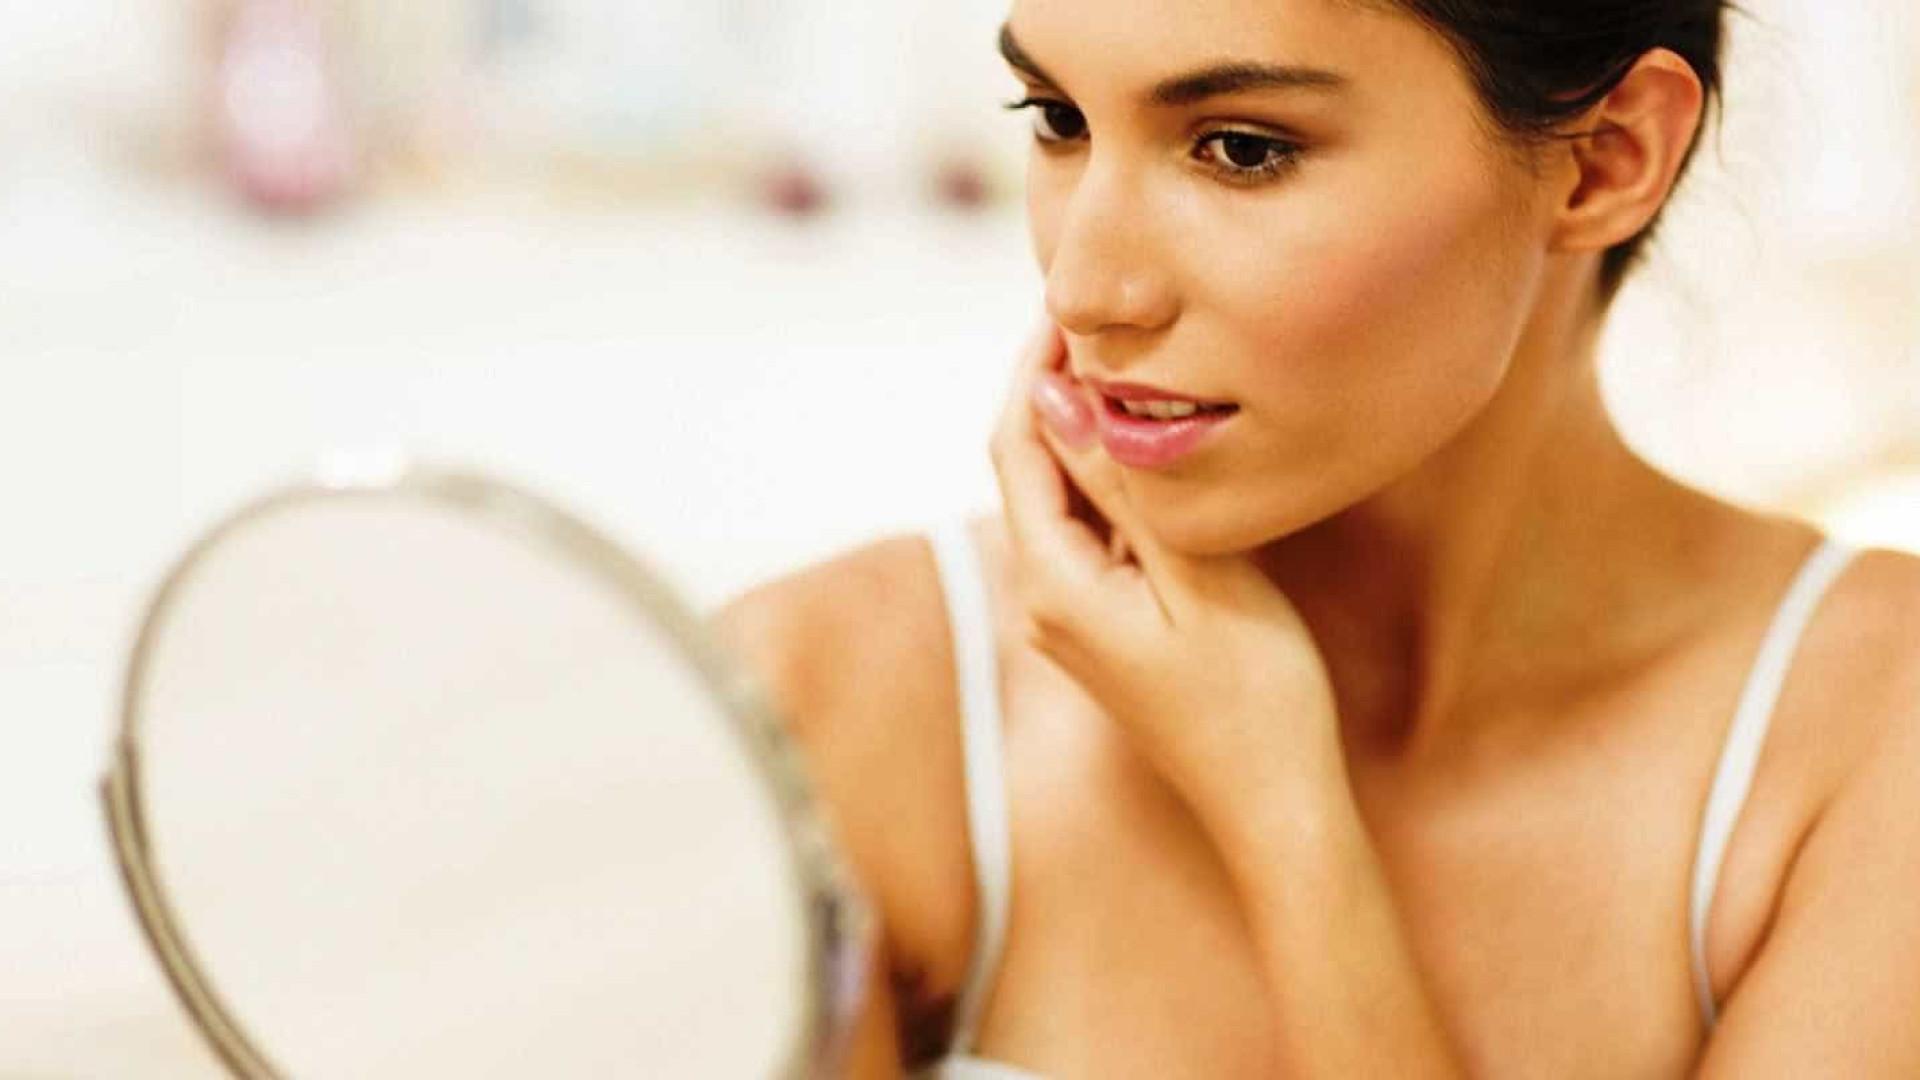 7 maus hábitos que estão acabando com a beleza da sua pele